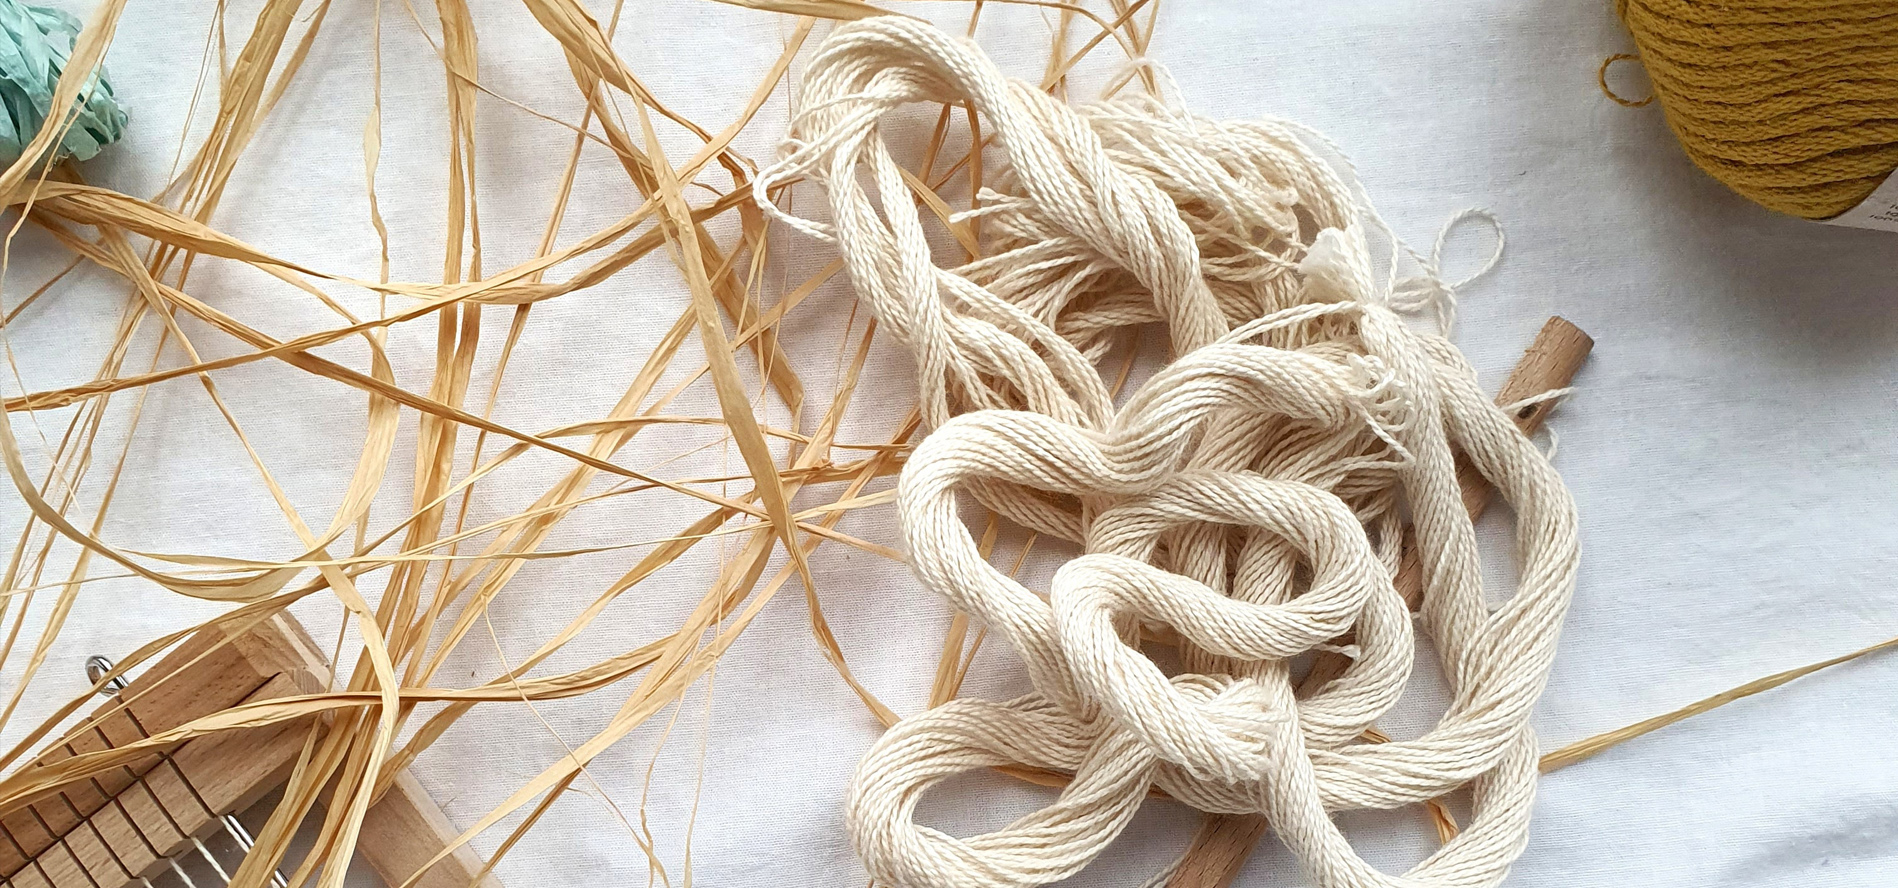 Loom and a jumble of yarn